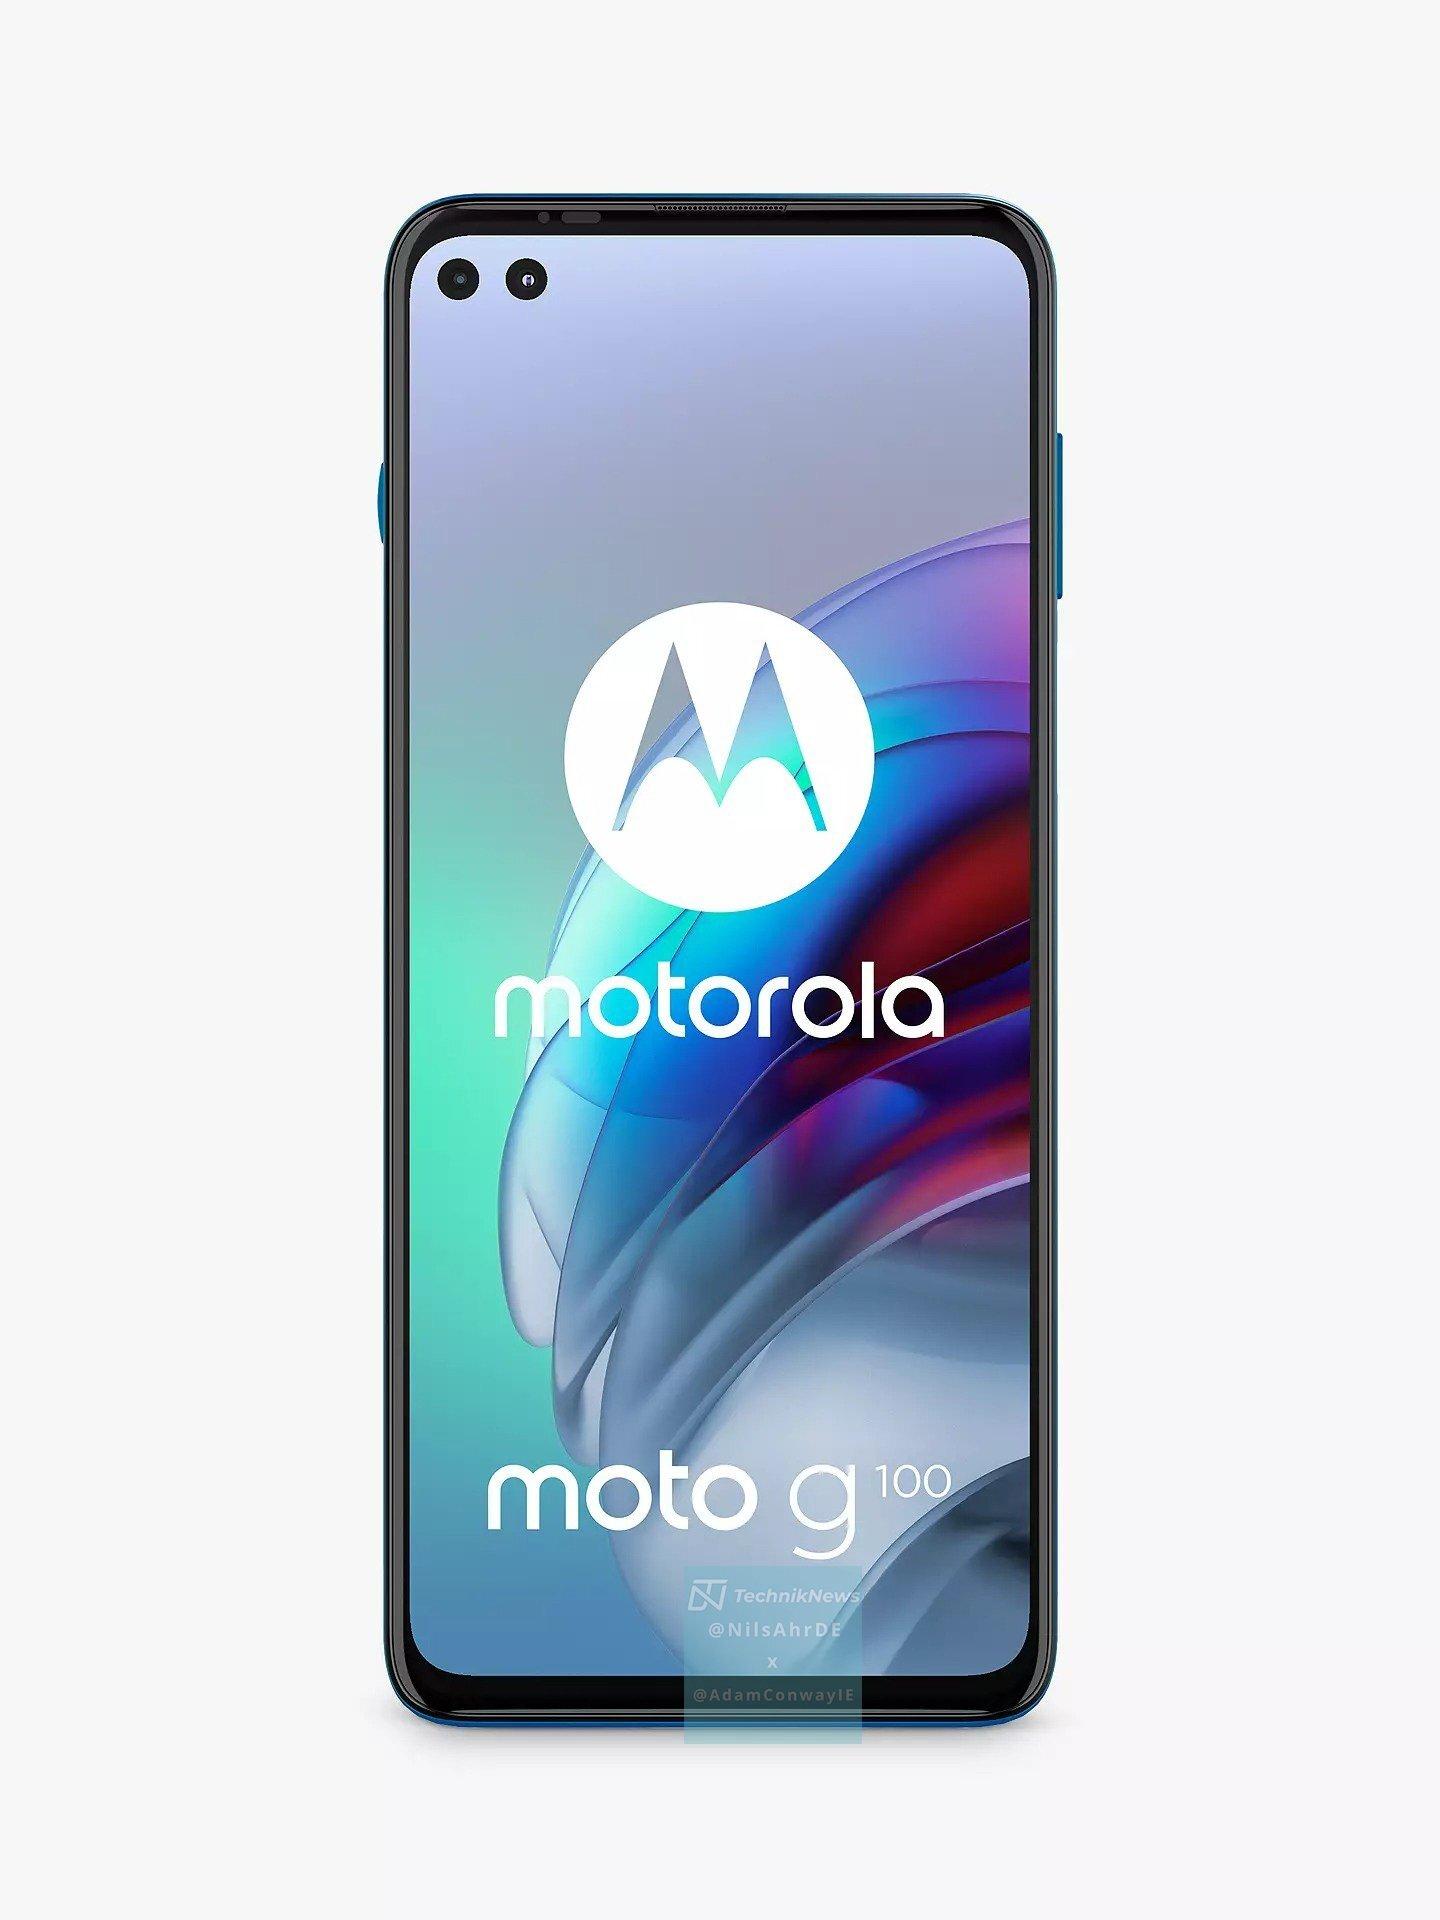 Le Motorola Moto G100 est complètement filtré, un Motorola Edge S pour l'Europe